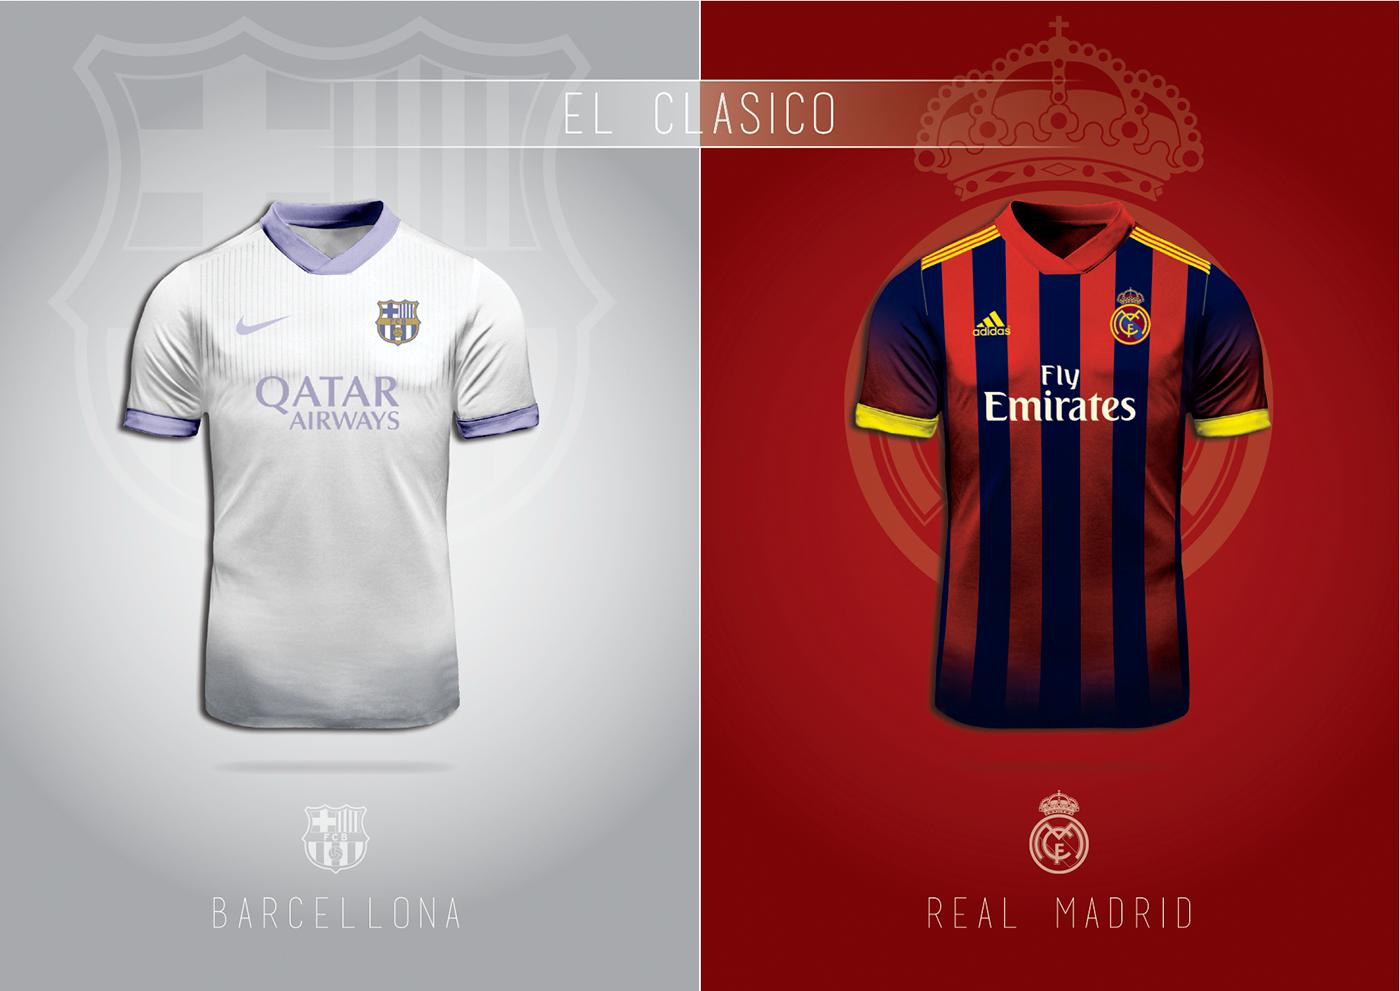 becb714d9b A Classic Football Shirts possui a maior coleção de camisas internacionais  de futebol. A loja faz entregas no mundo todo e usando o cupom